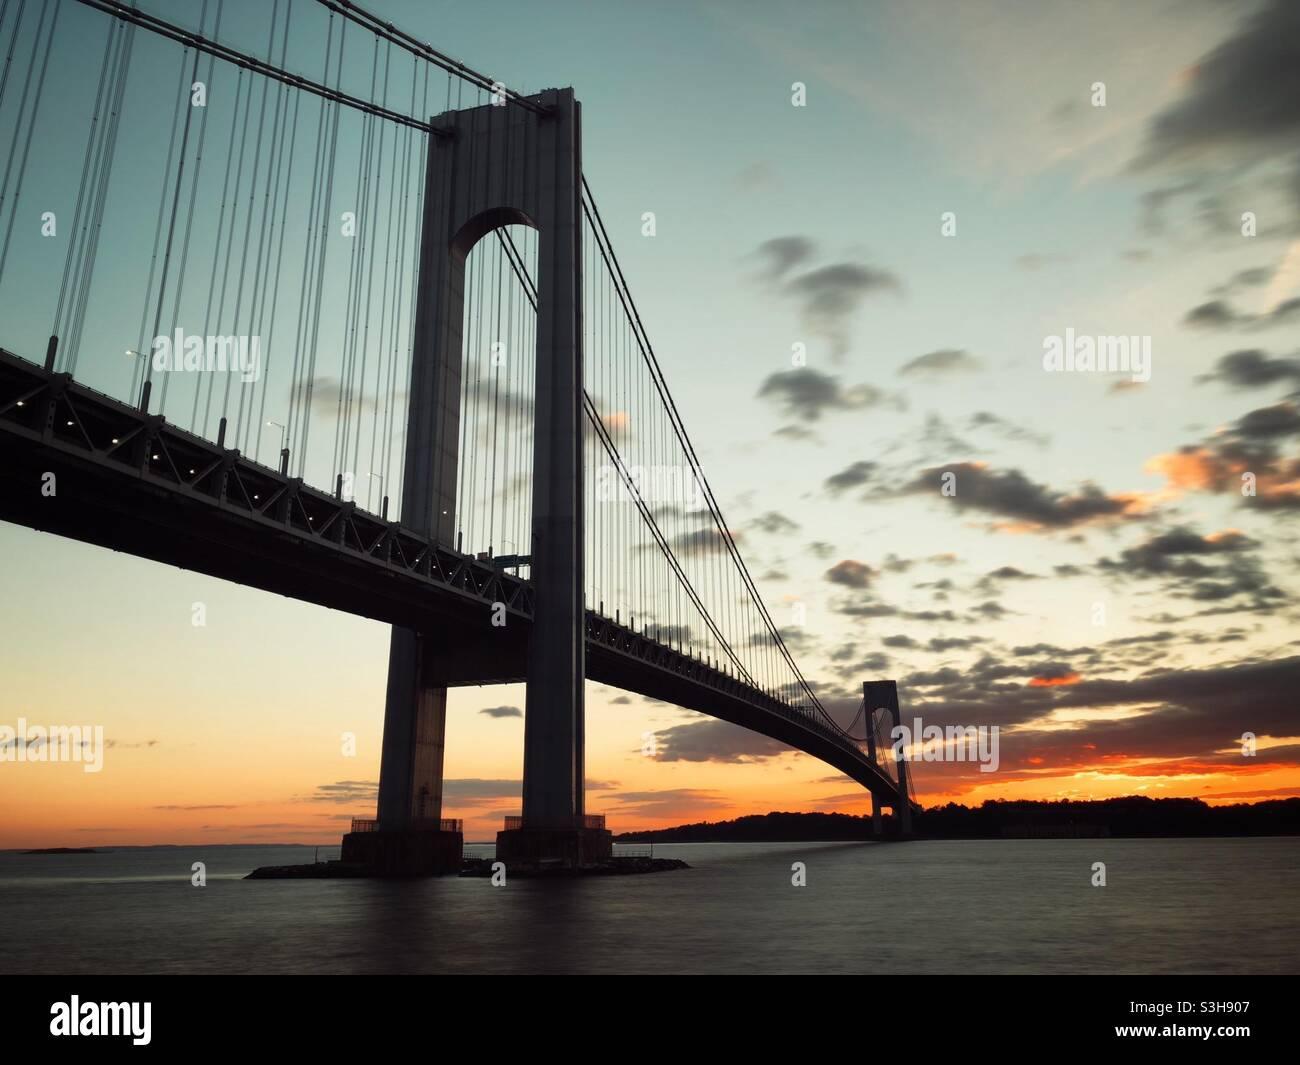 Ponte Verrazzano-Narrows visto da Brooklyn, New York al tramonto. L'isola di Staten è visibile in lontananza. Foto Stock